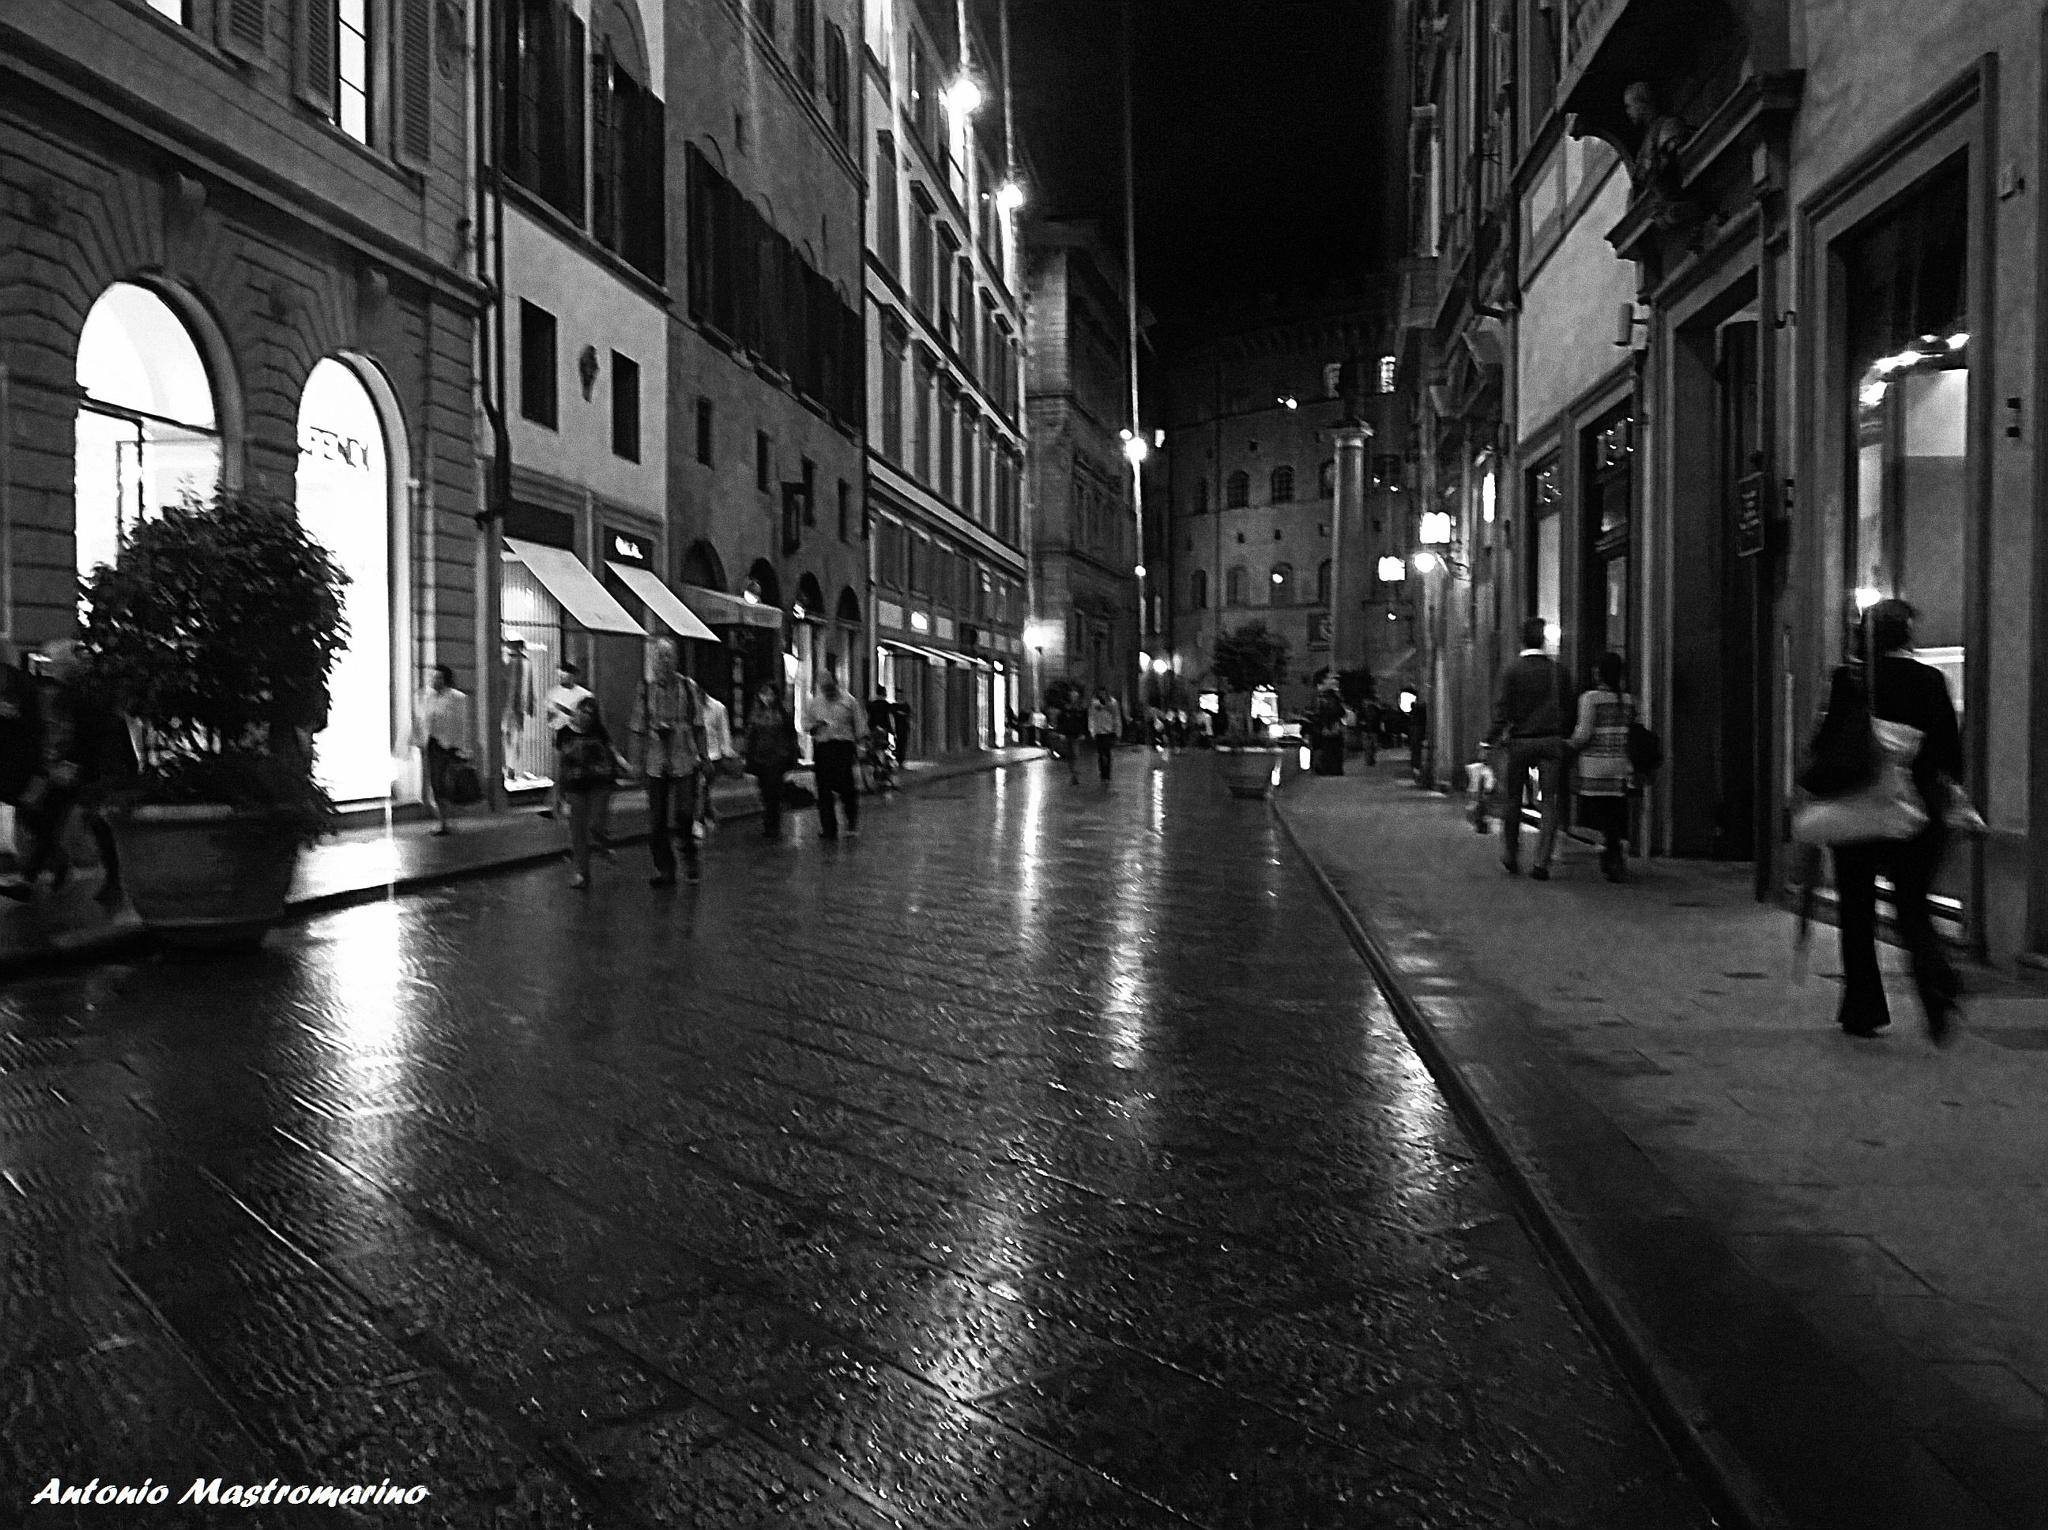 Firenze Via dei Tornabuoni by antonio mastromarino